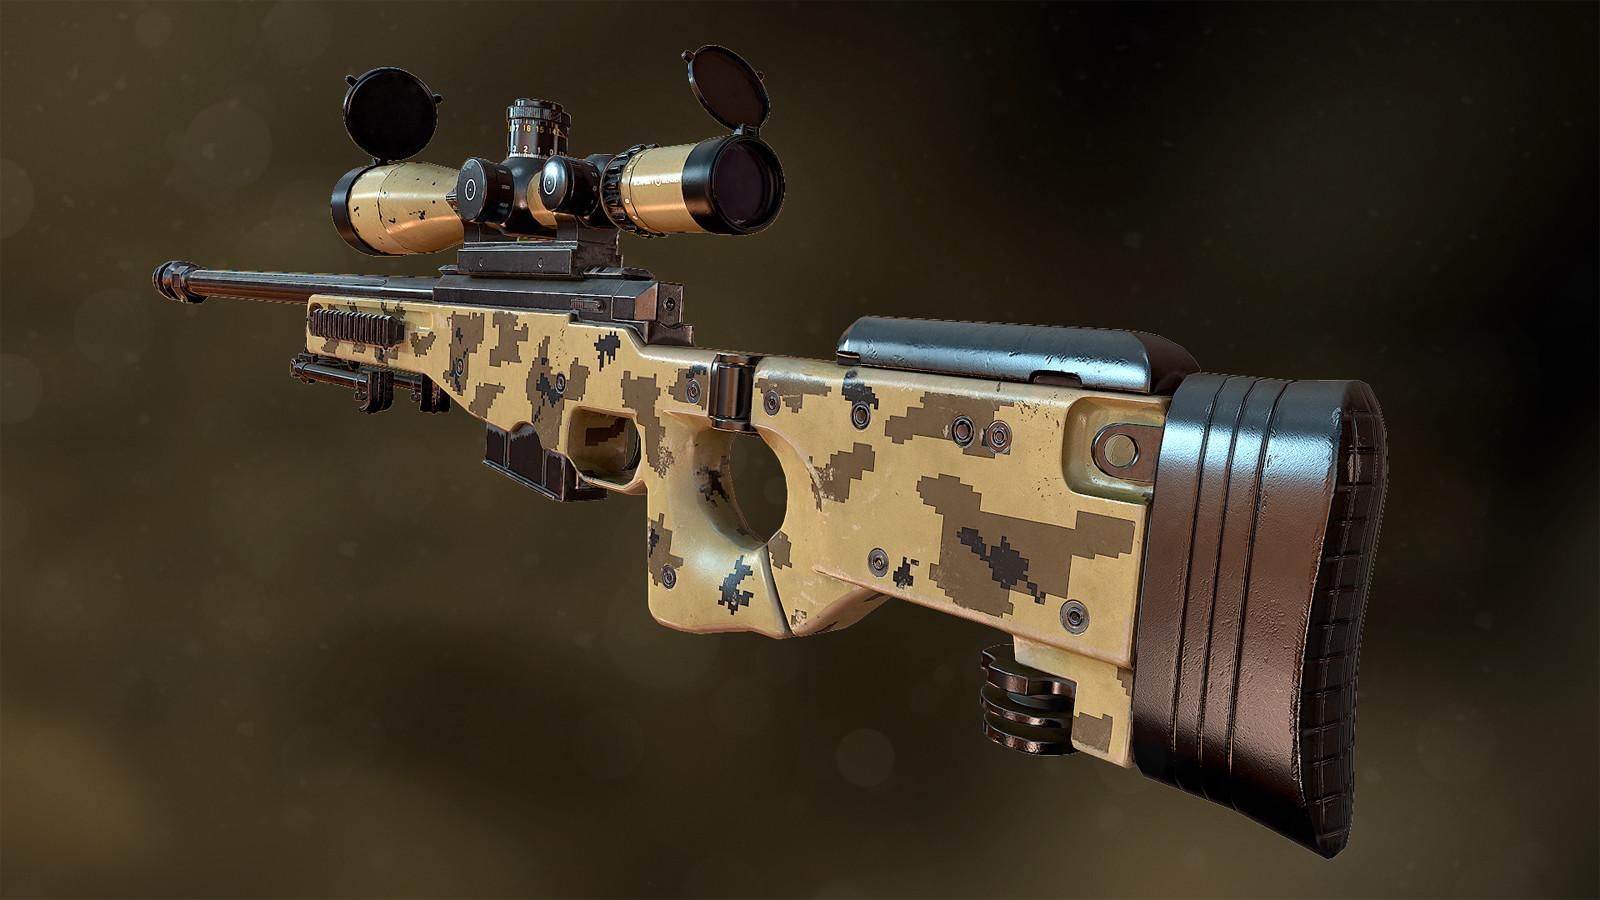 magnum sniper awp - HD1600×900